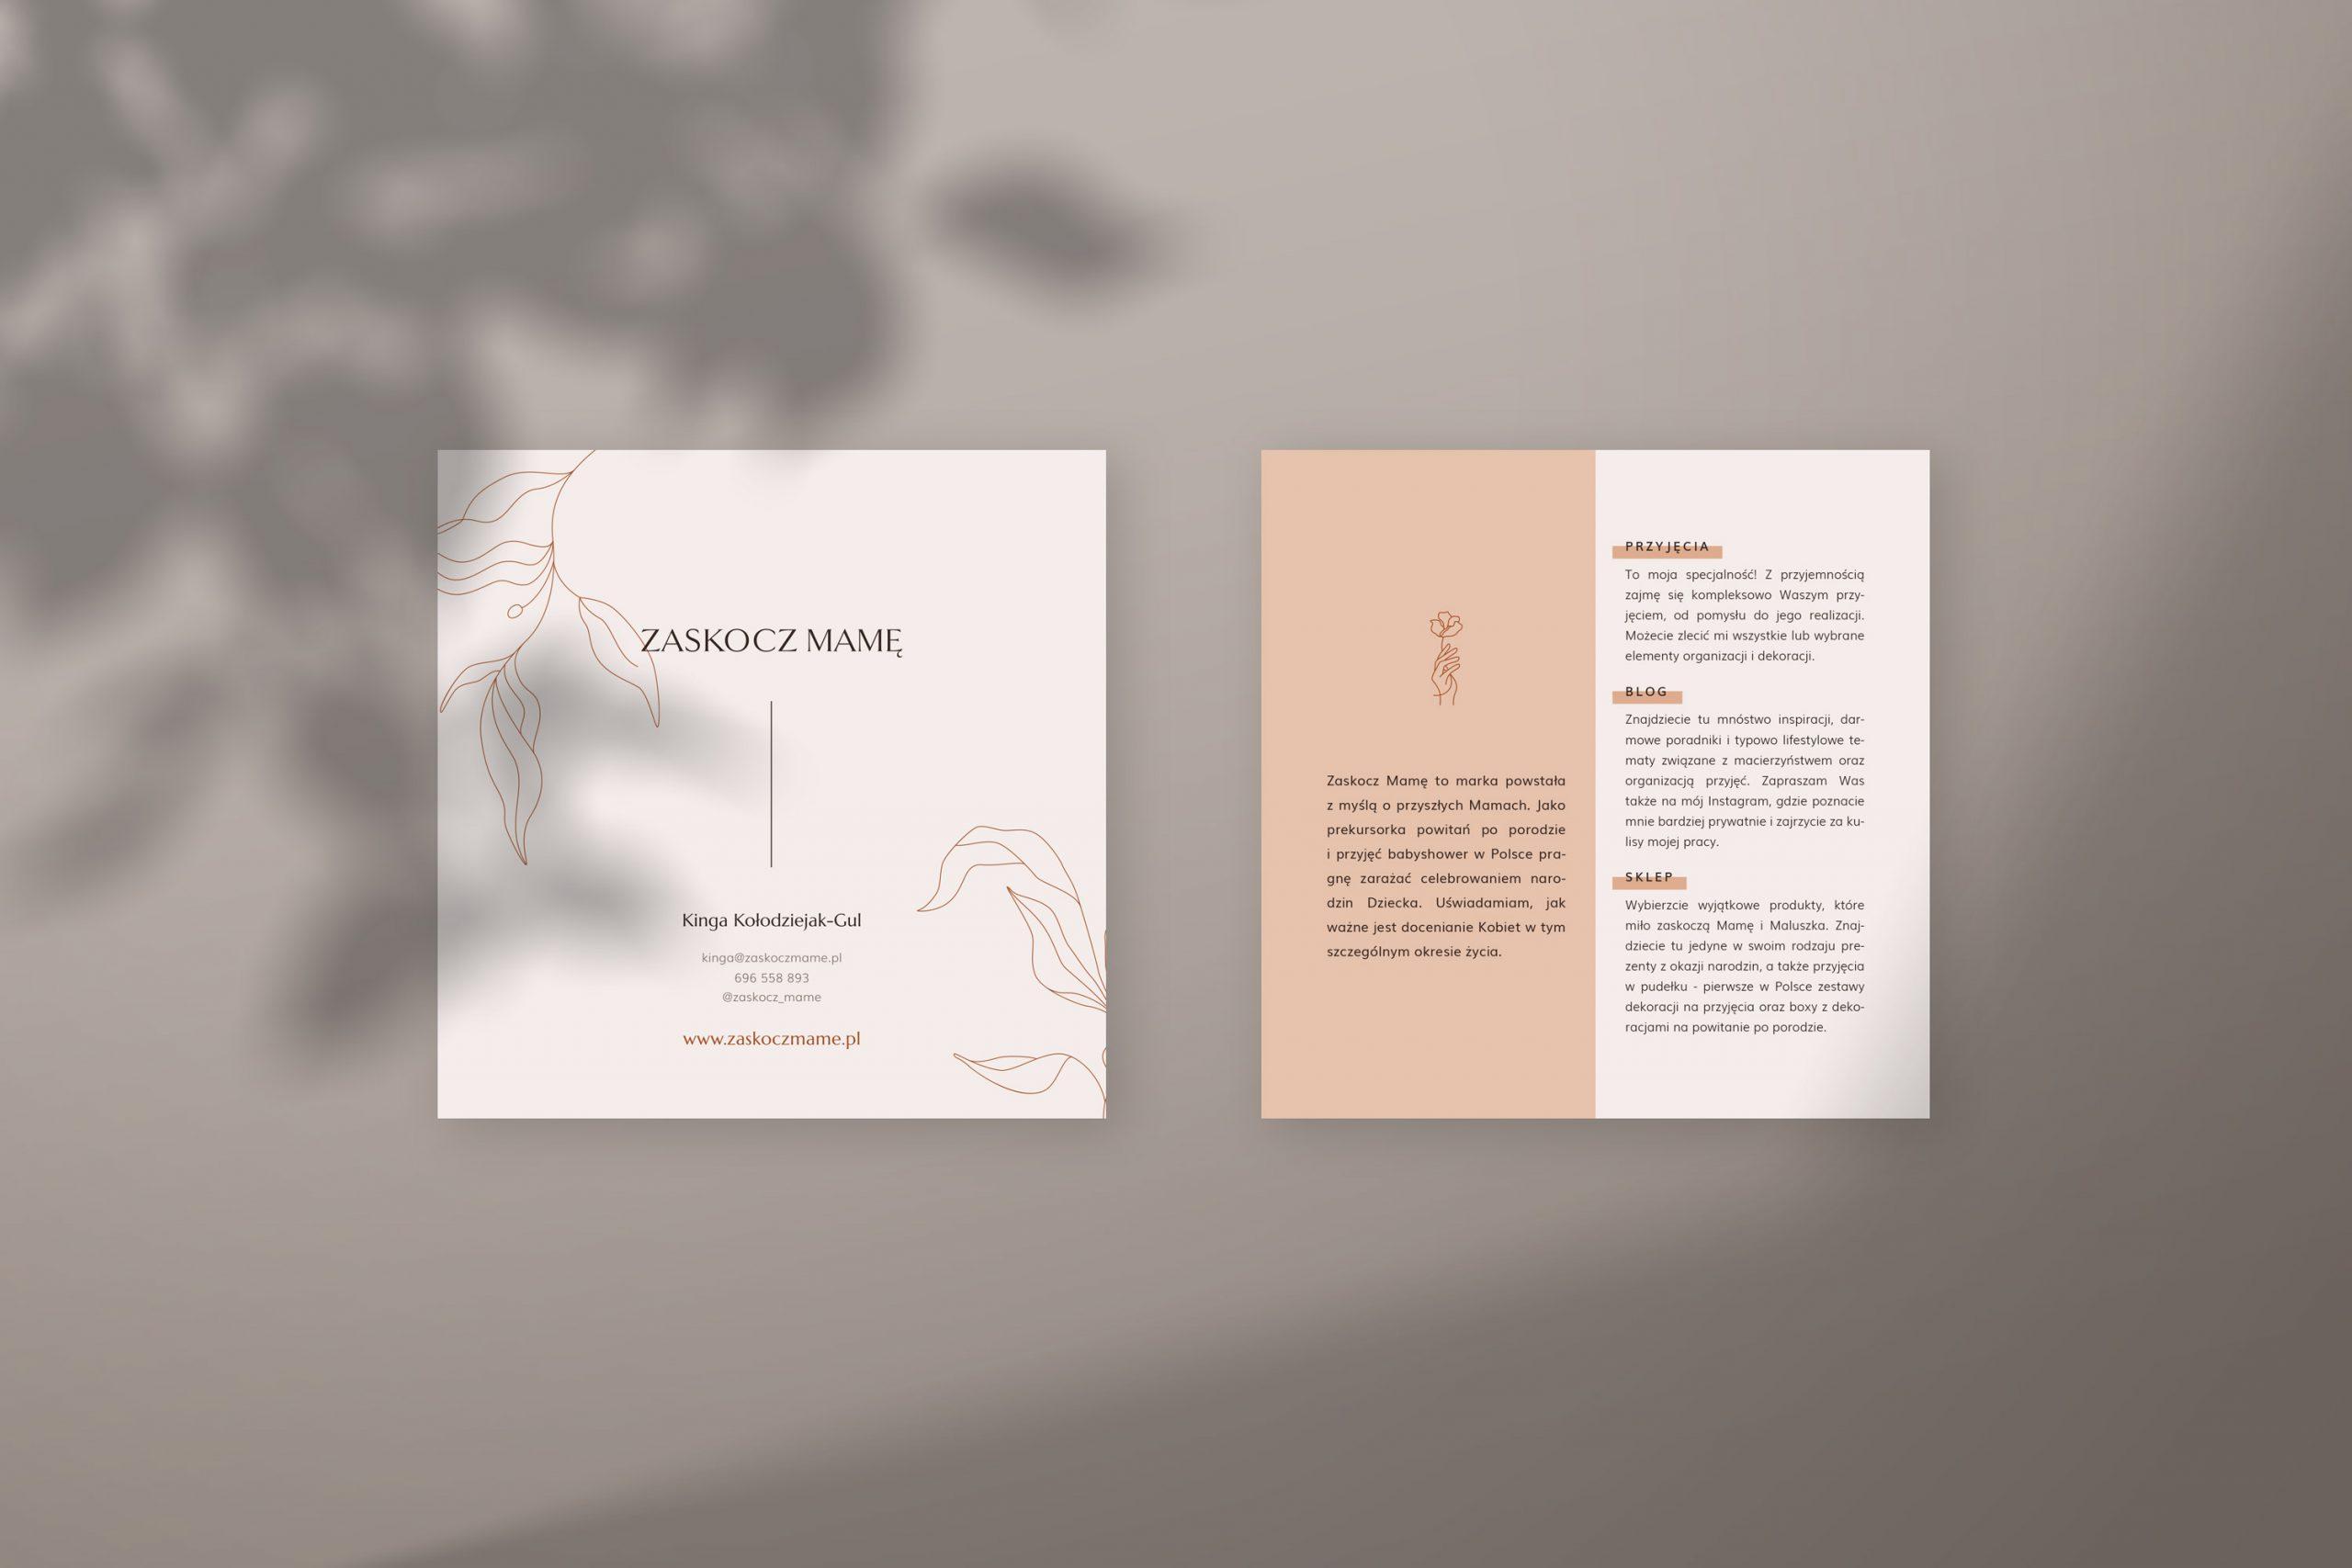 Ulotki reklamowe - Zaskocz mamę | identyfikacja wizualna, materiały firmowe, logo dla firmy | Studio brandingowi Moyemu